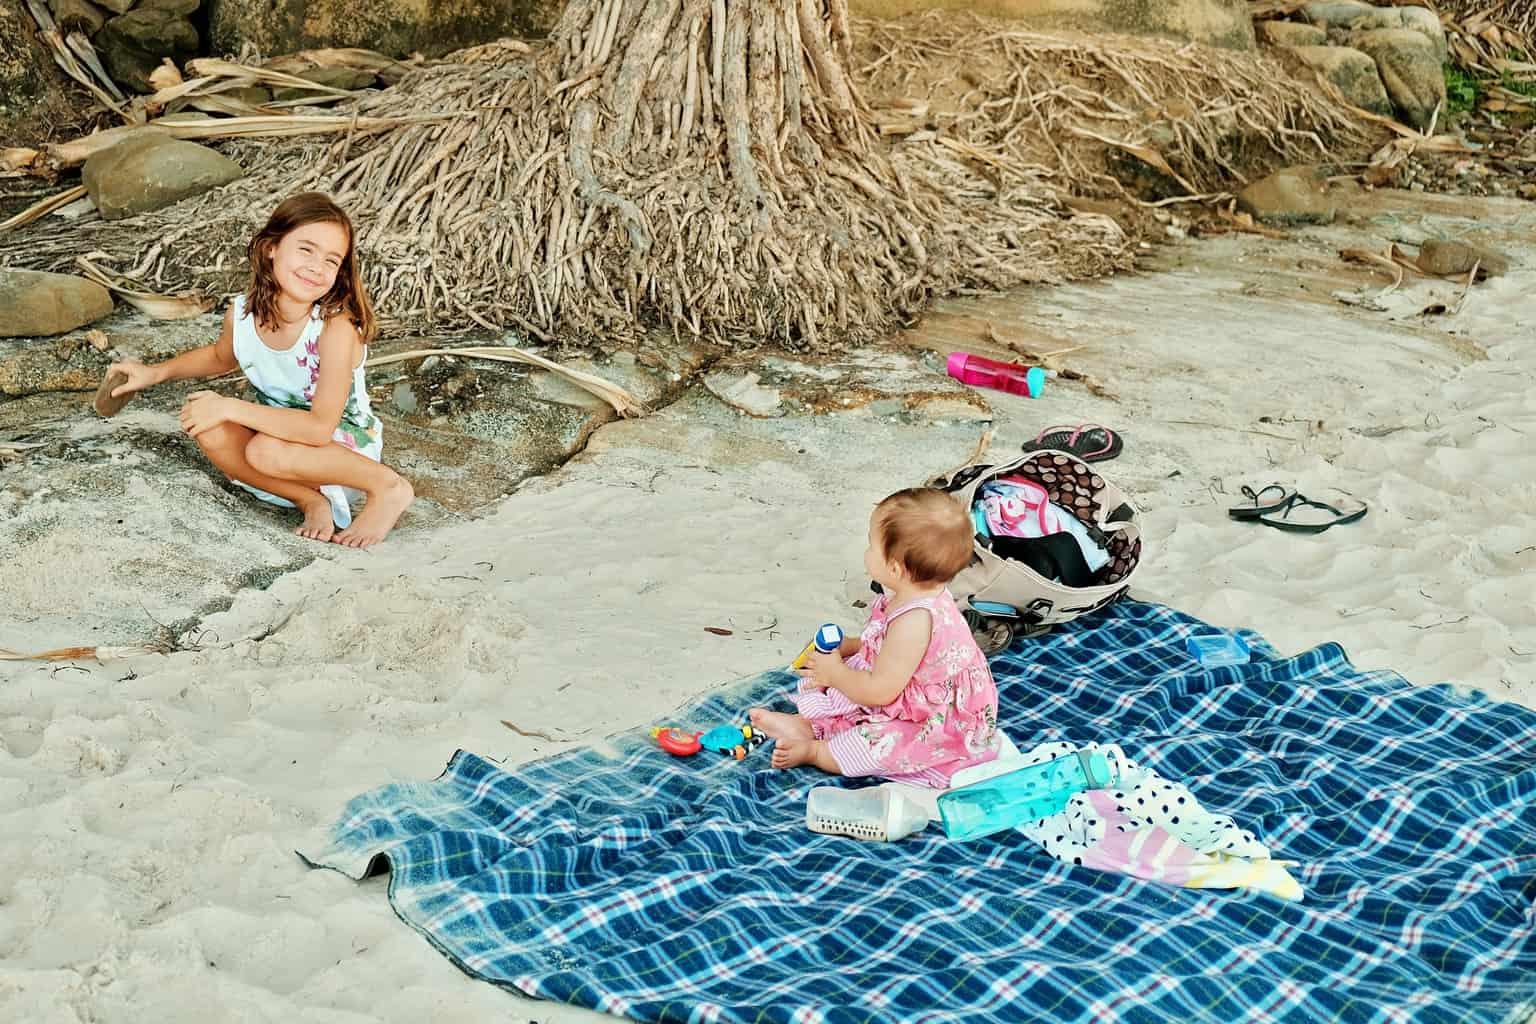 Avalee on the Beach